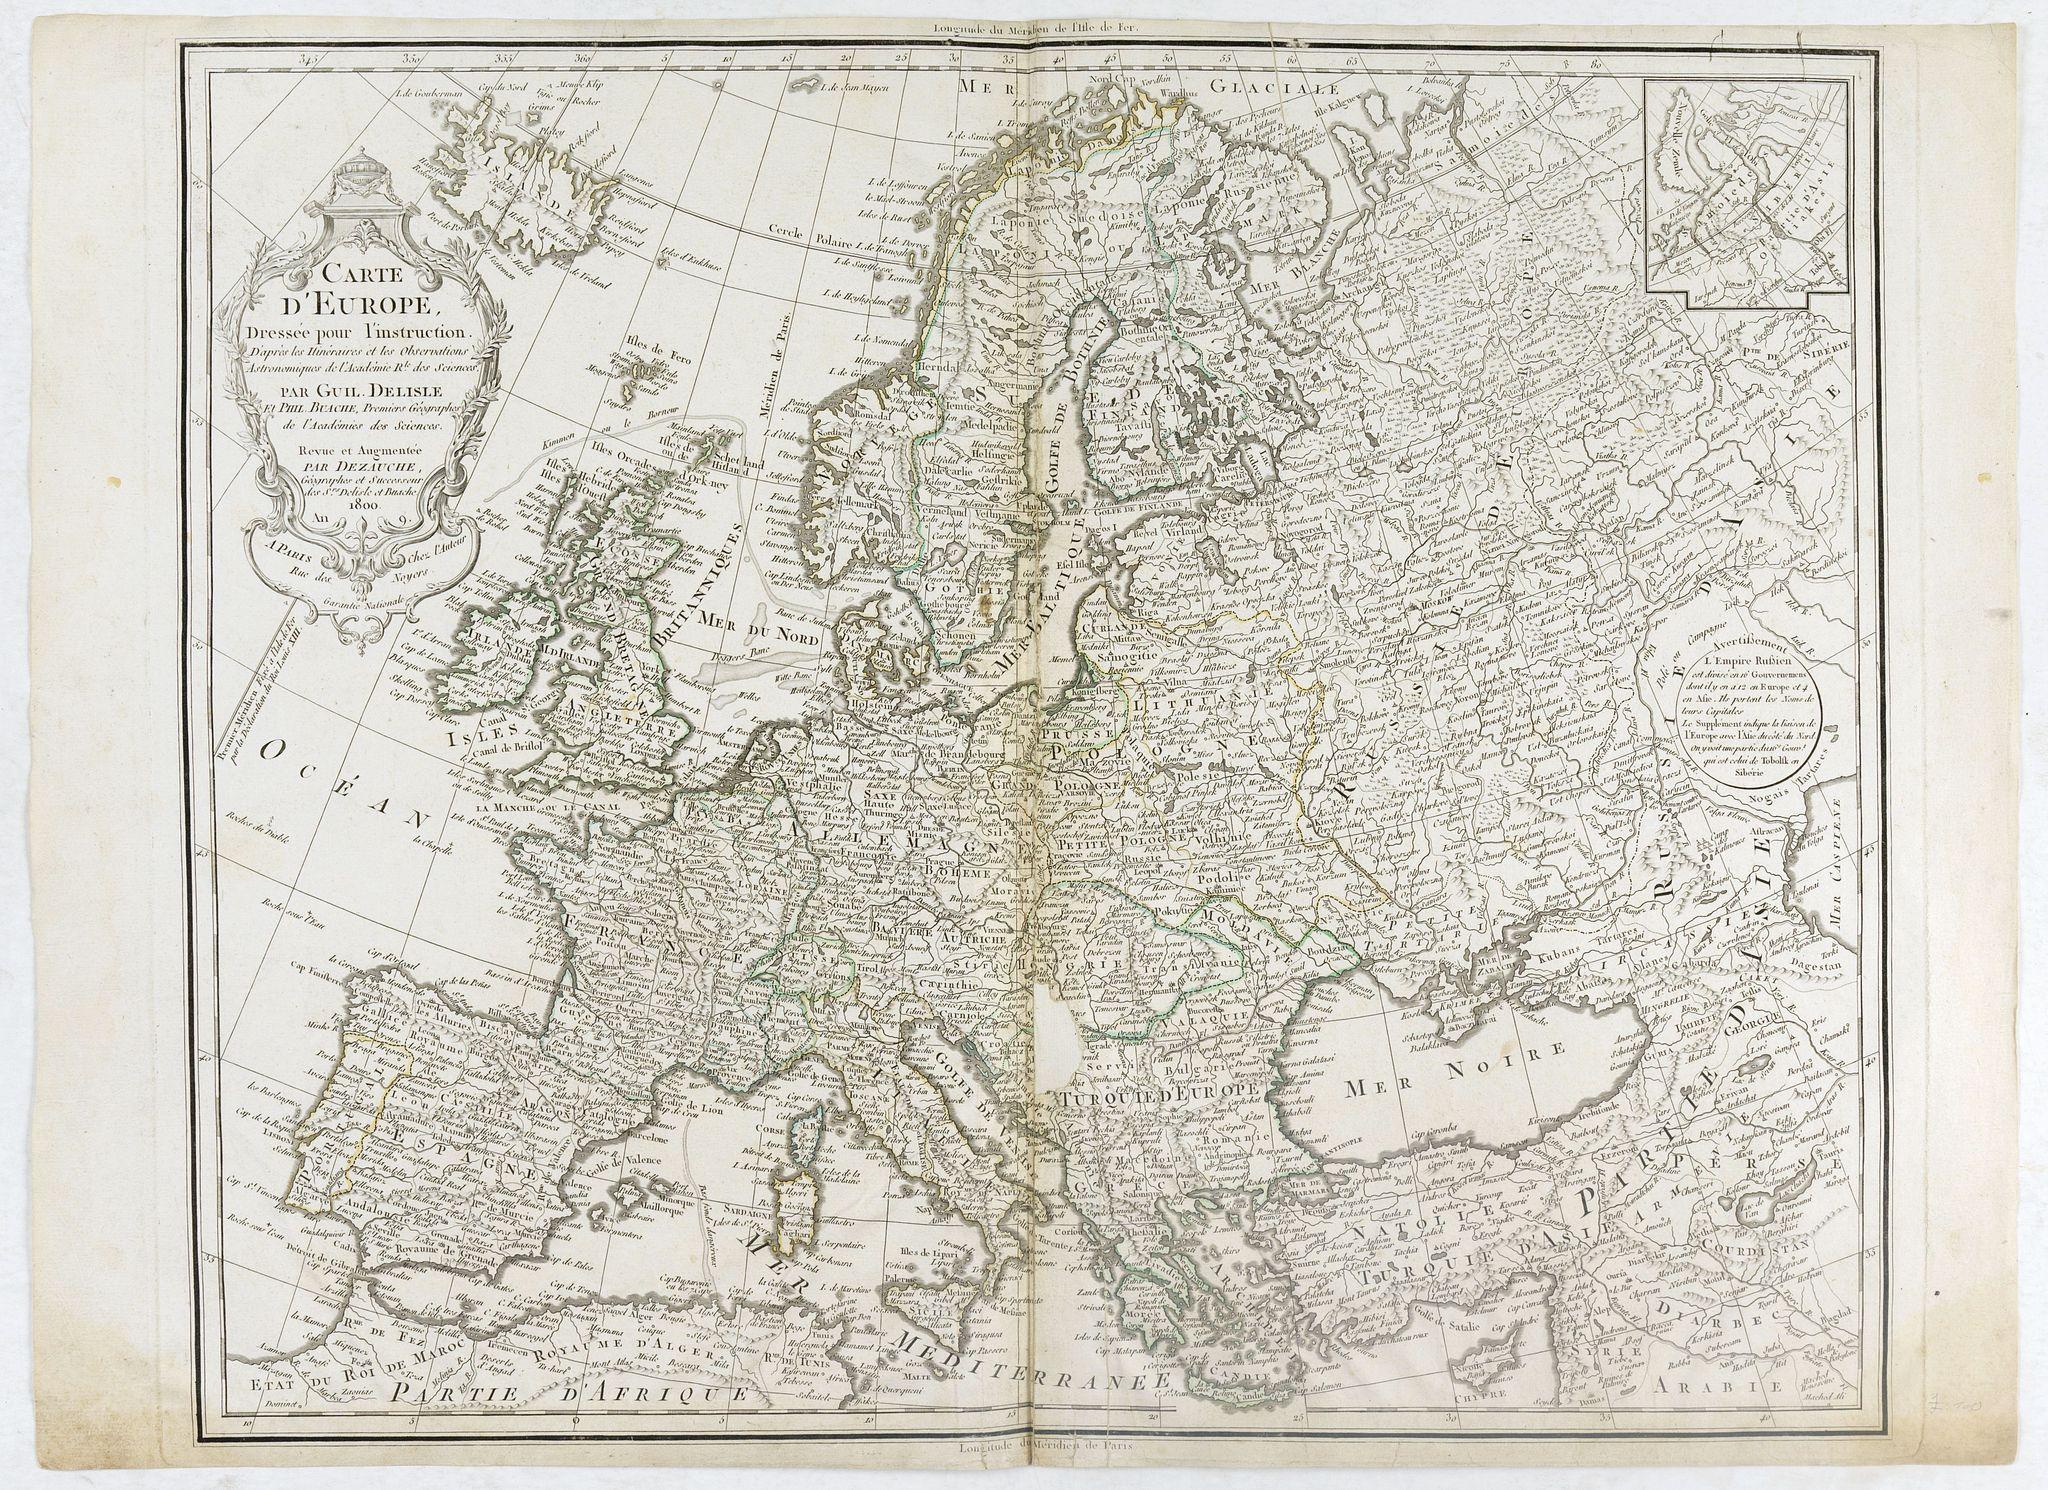 DELISLE, G ./ BUACHE, Ph. / DEZAUCHE, J. -  Carte de l'Europe Dressée pour l'Instruction . . .